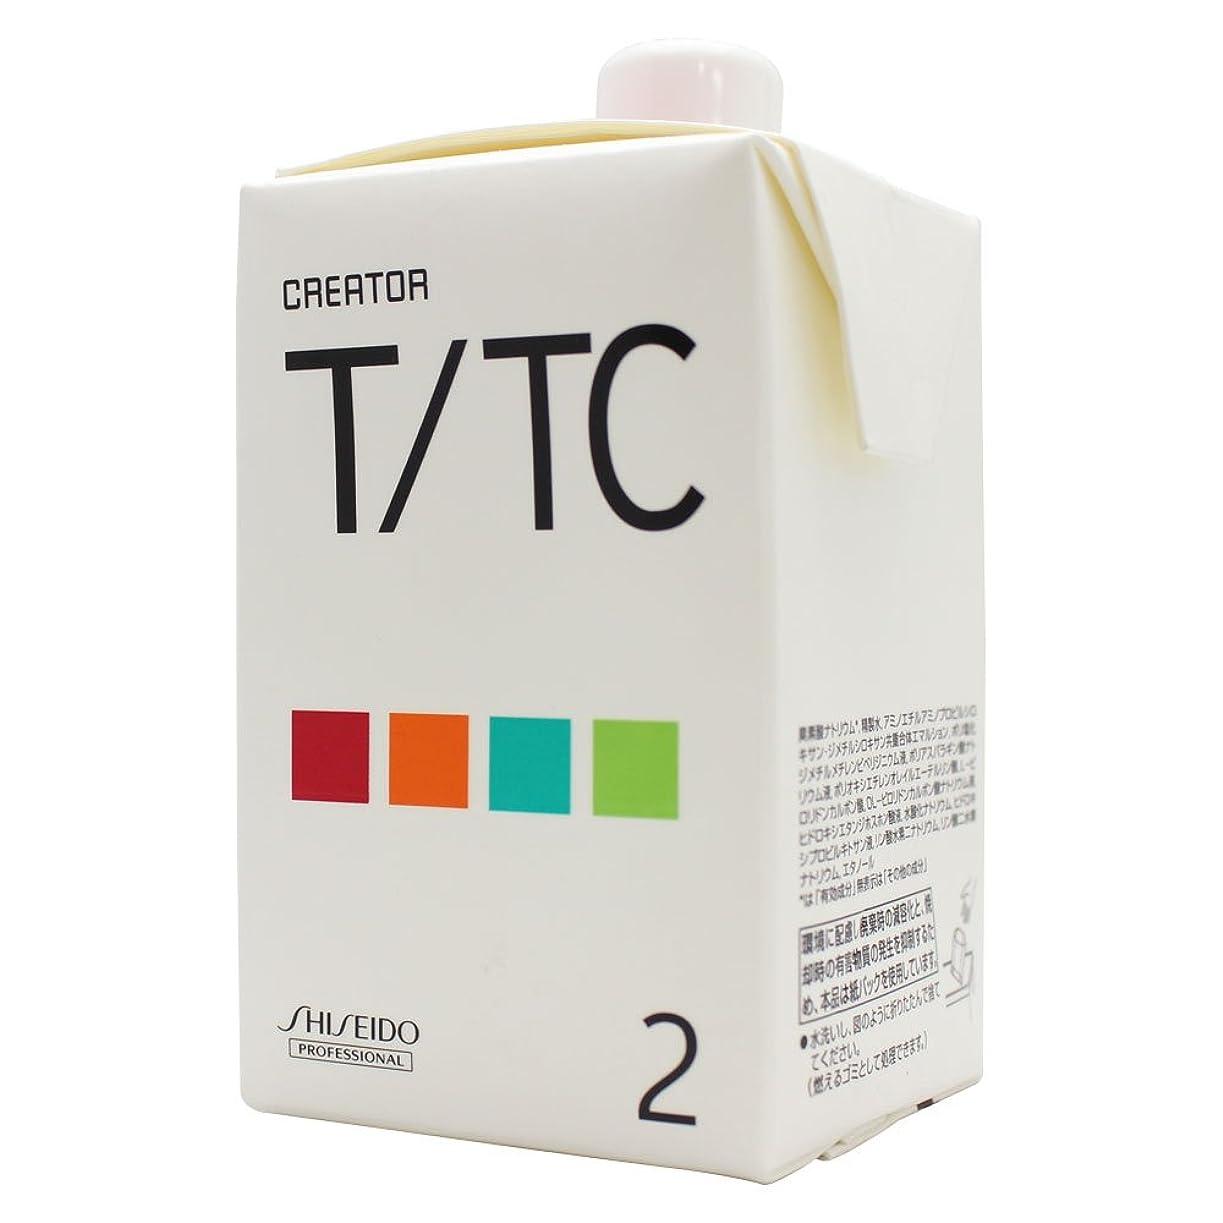 封筒マイナー適用する資生堂 クリエイター T/TC 第2剤 400ml